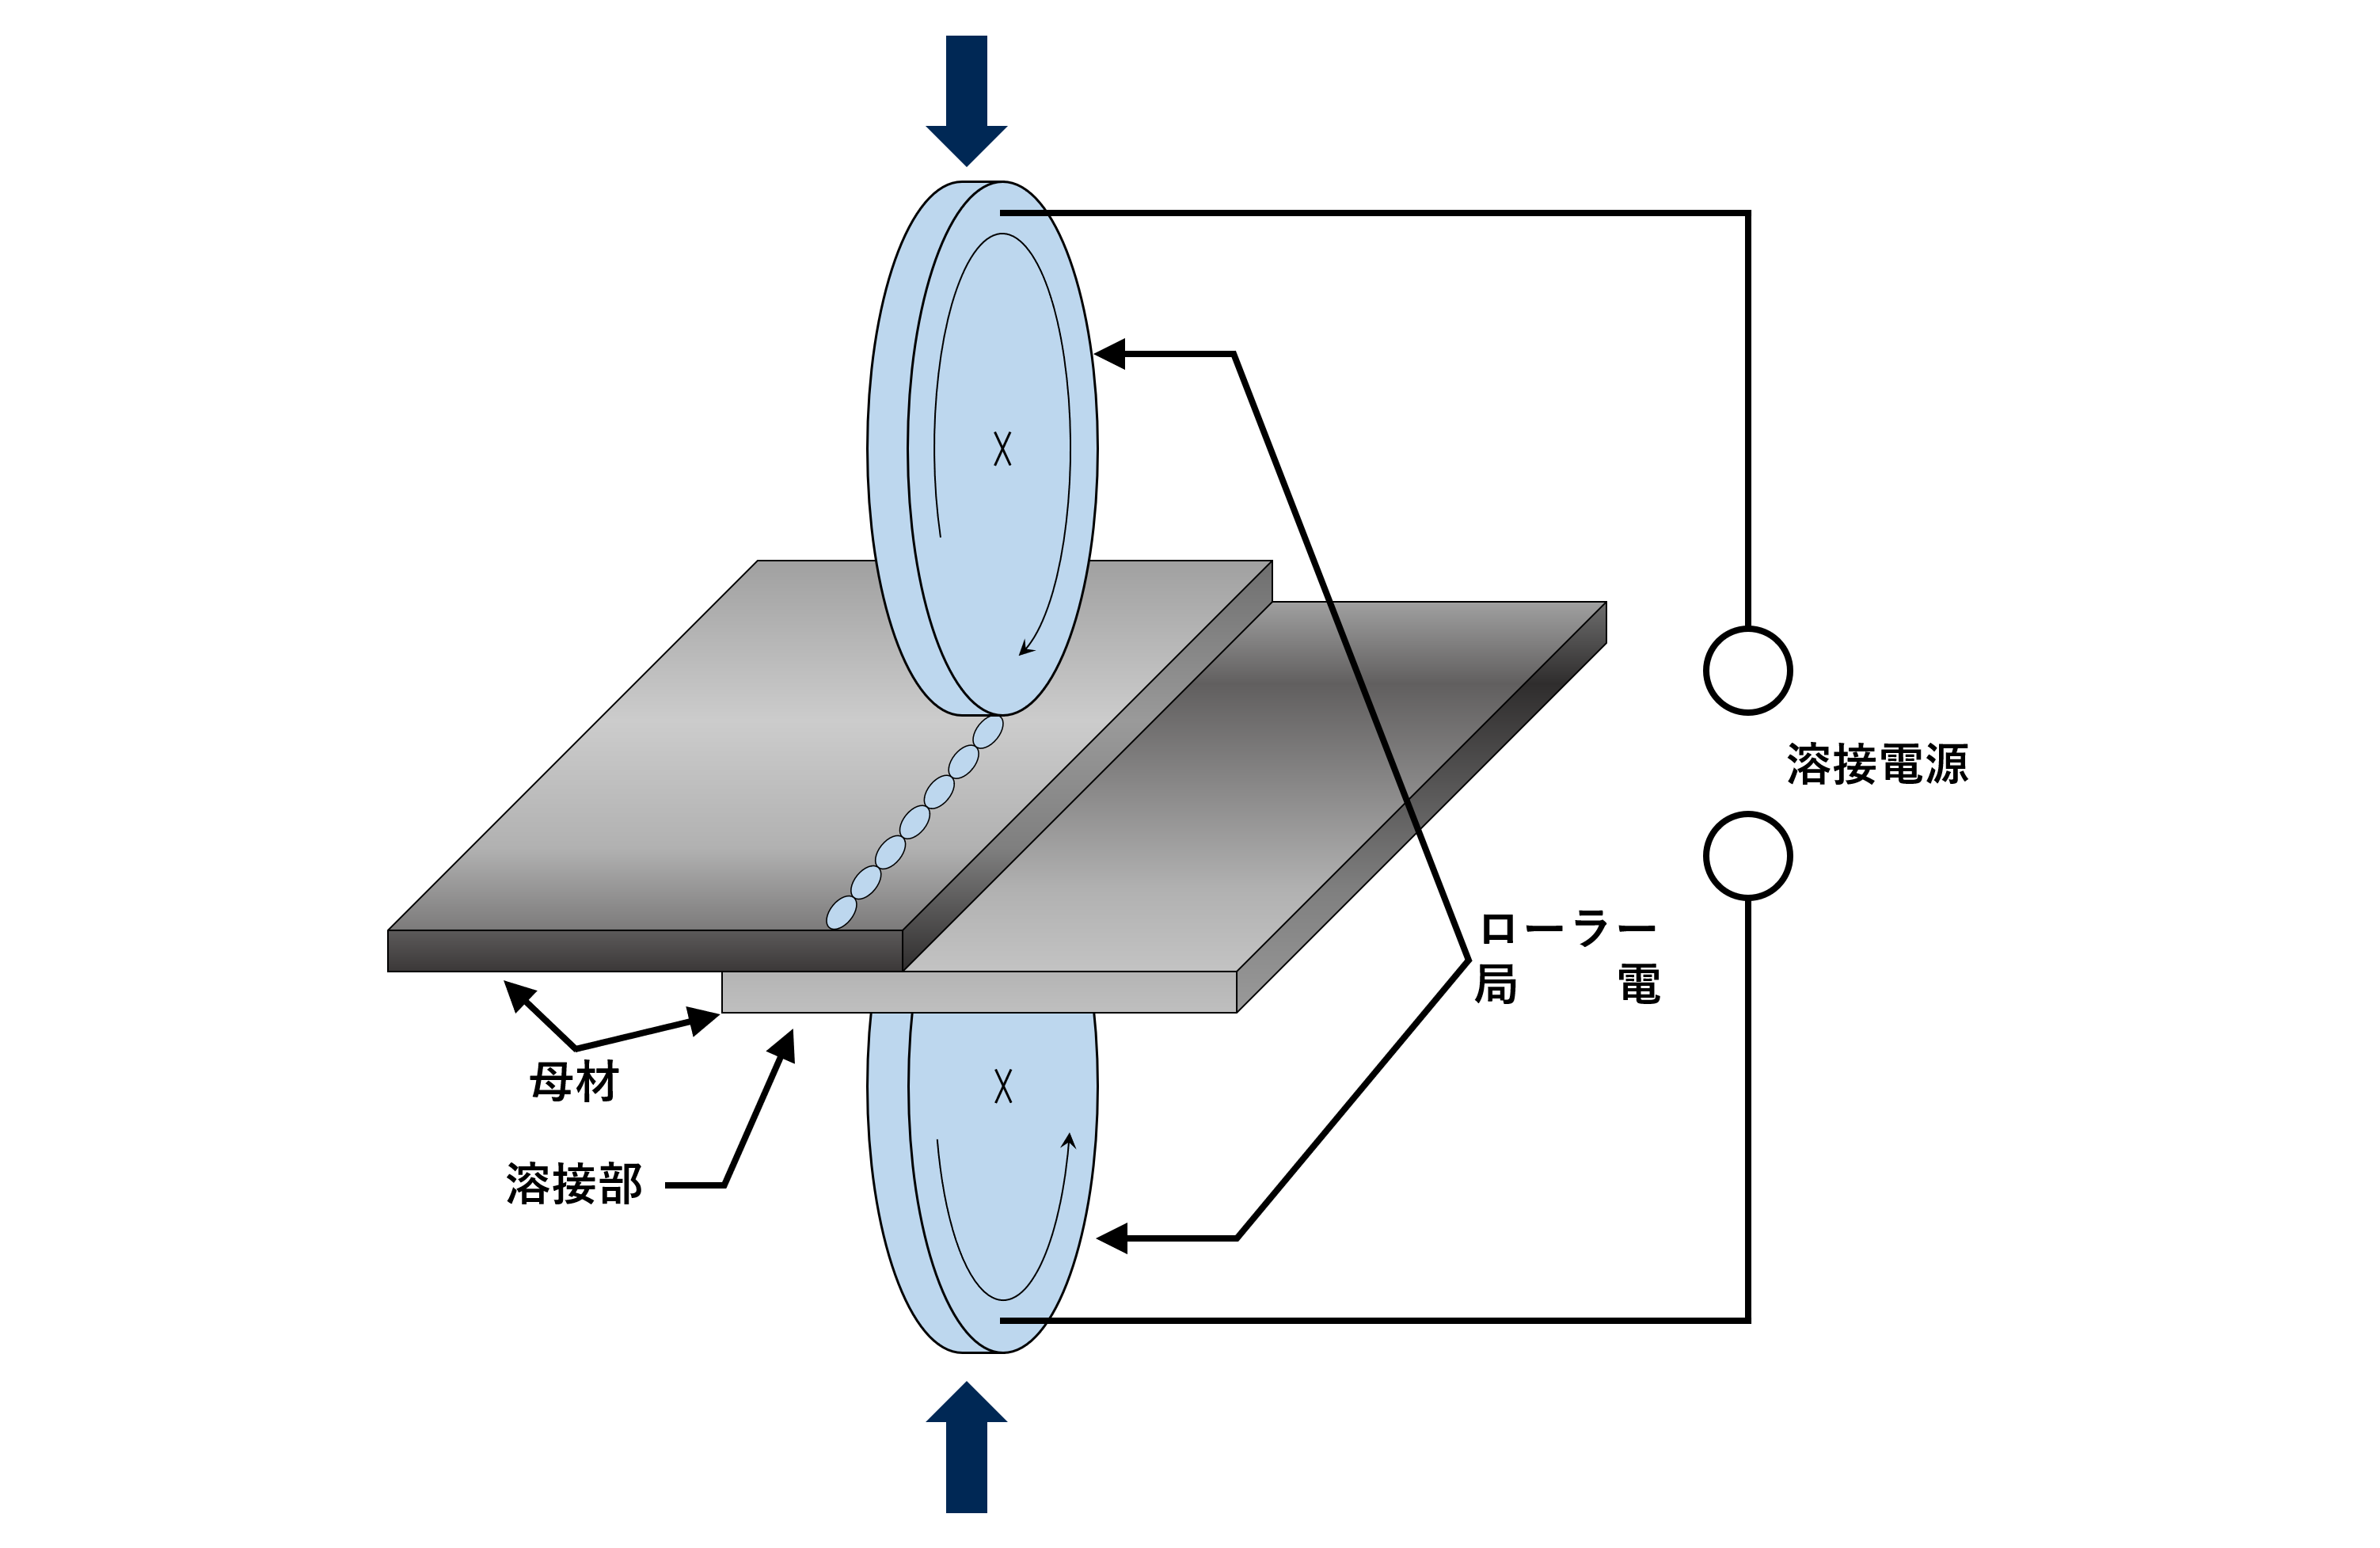 シーム溶接を図解で解説